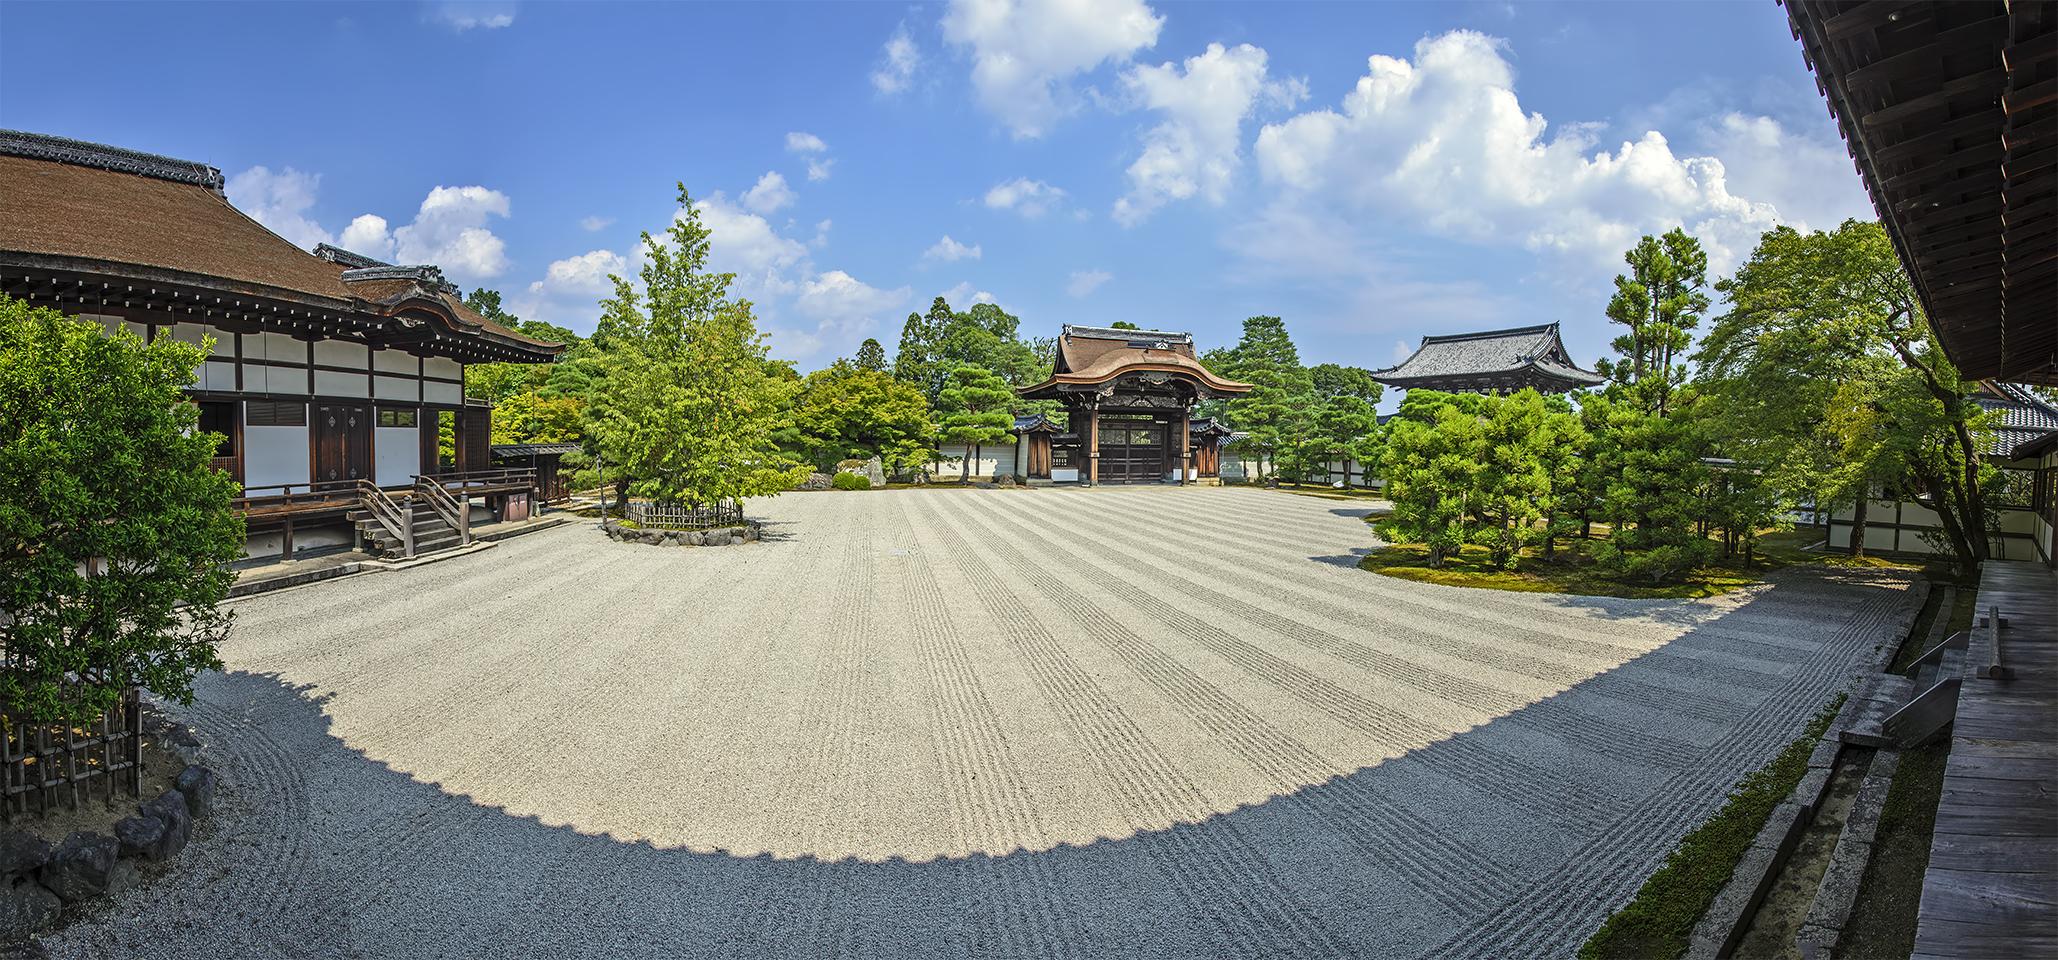 Ninnaji's South Garden 仁和寺の南庭 photomerge panorama ninnaji south garden dantei kyoto